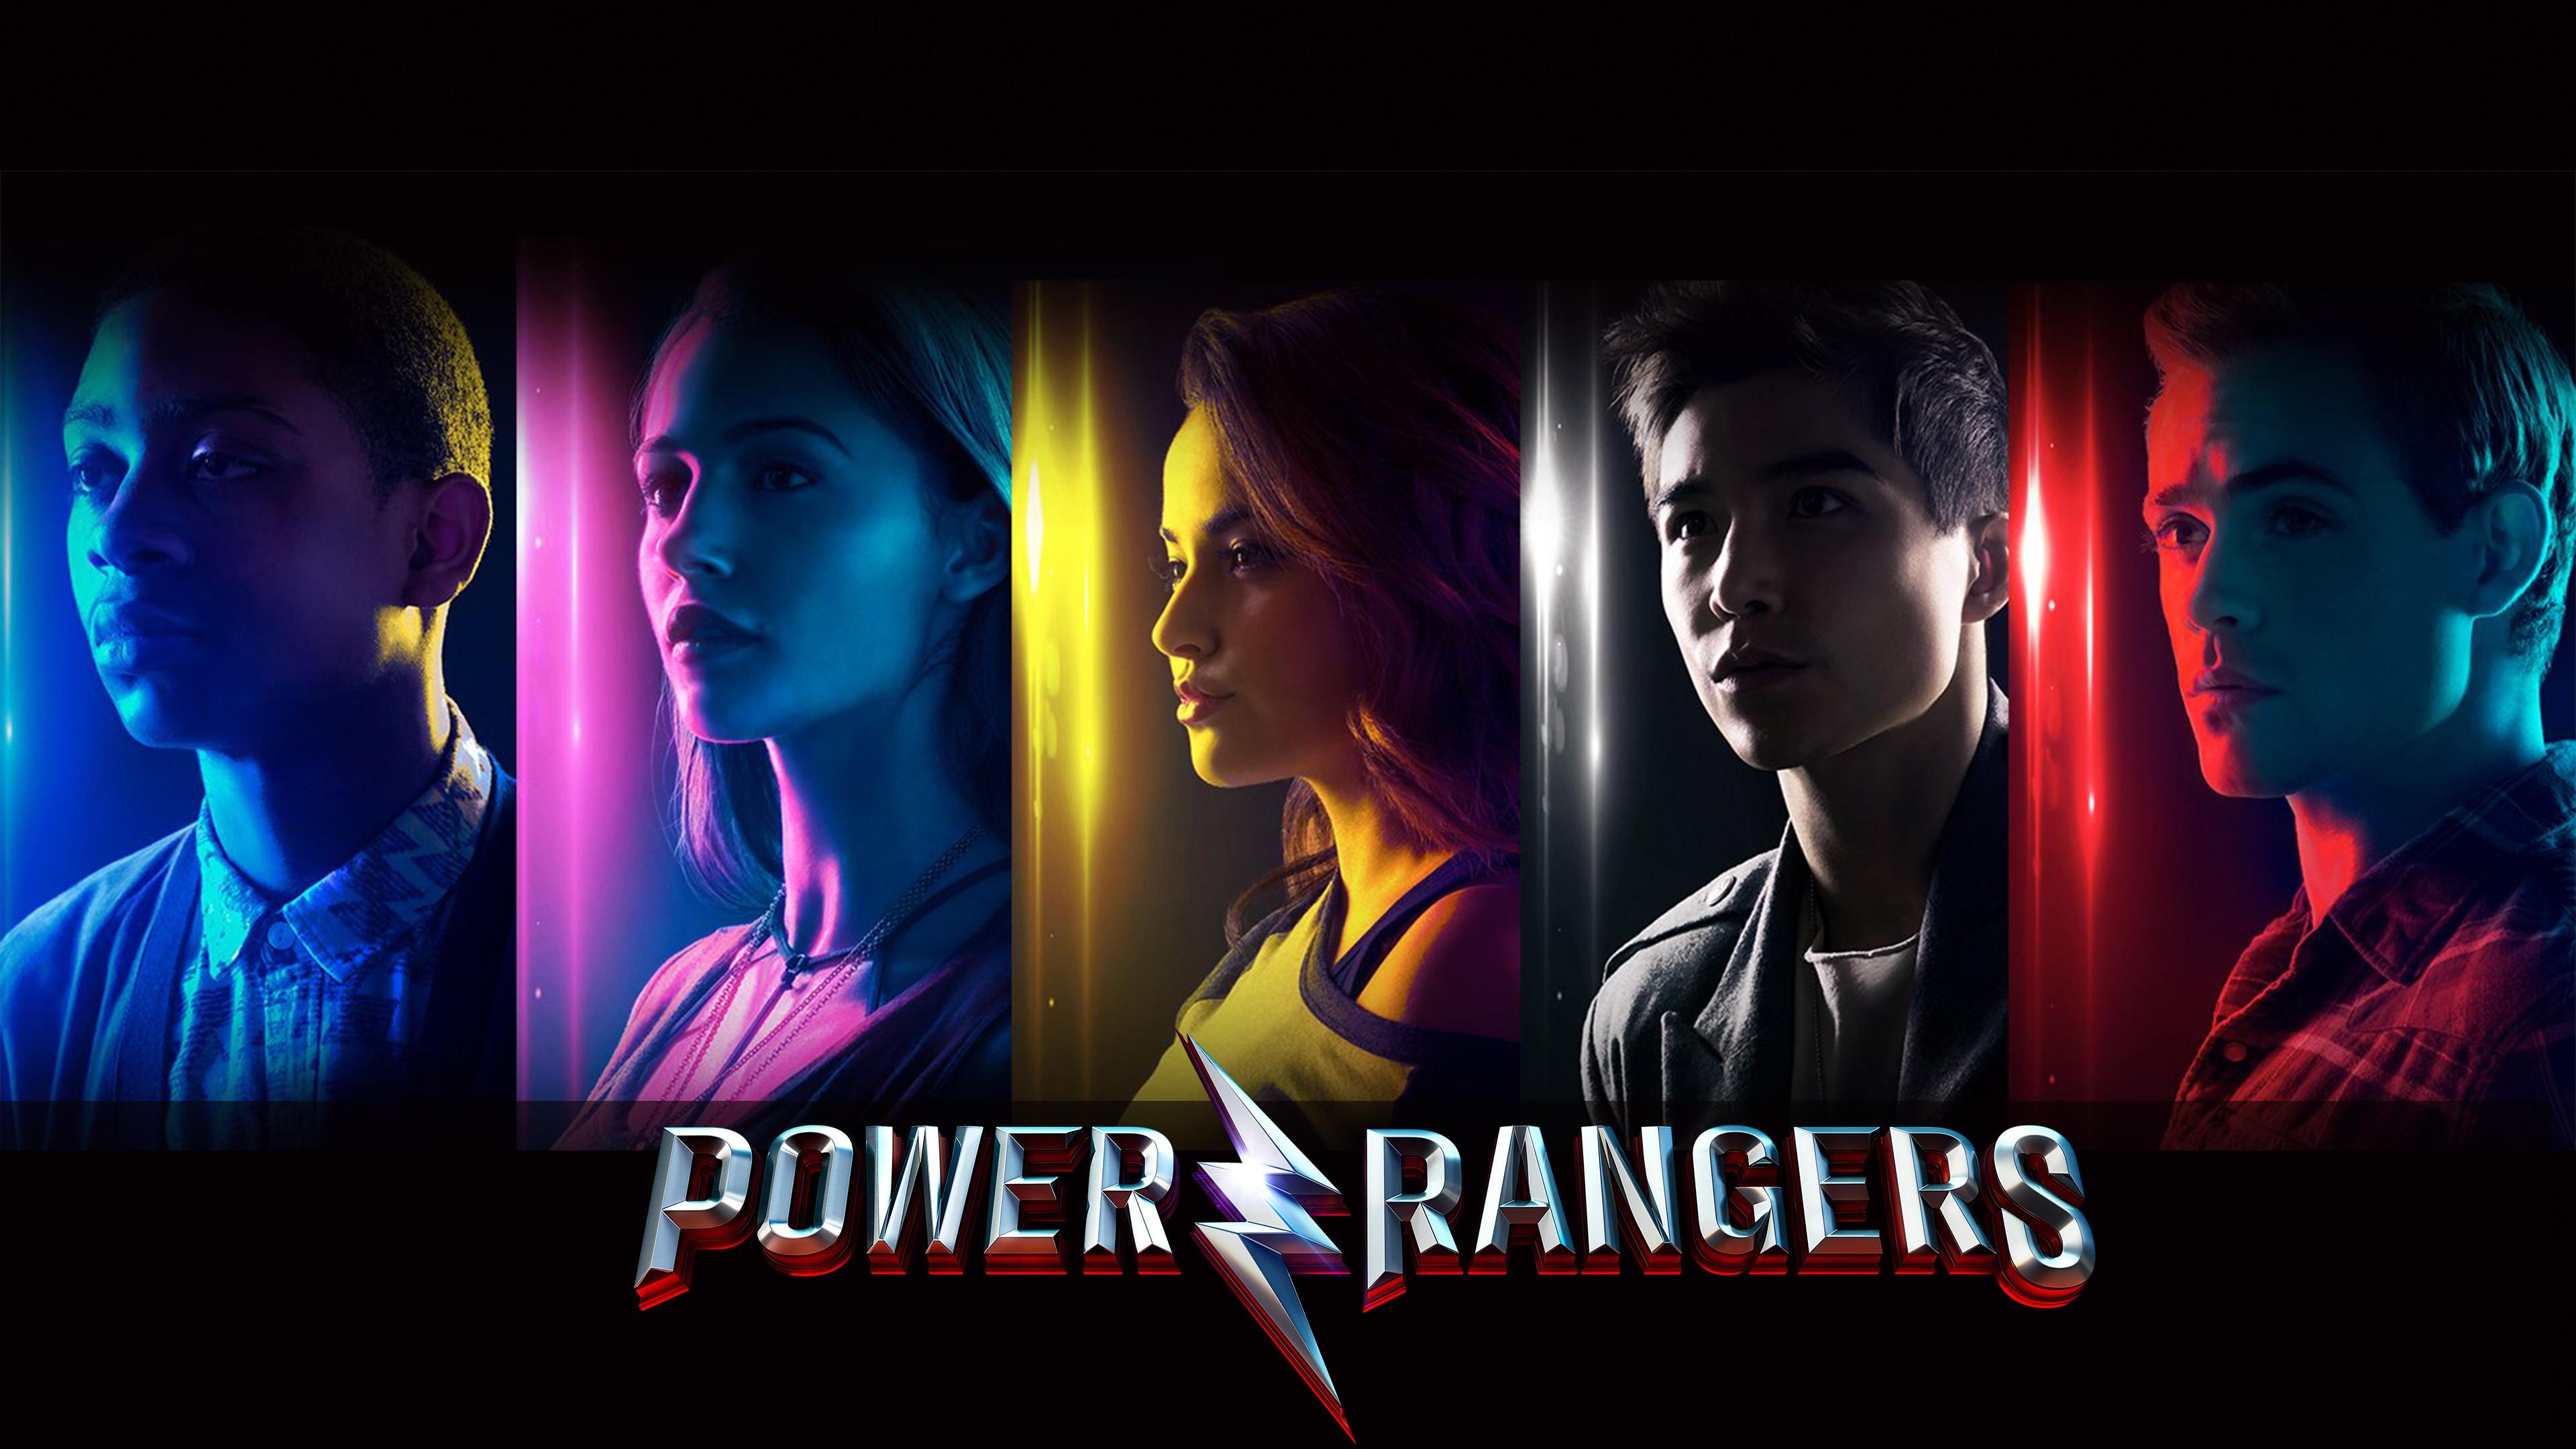 <b>Power Rangers</b> 2017 English <b>Movies HD